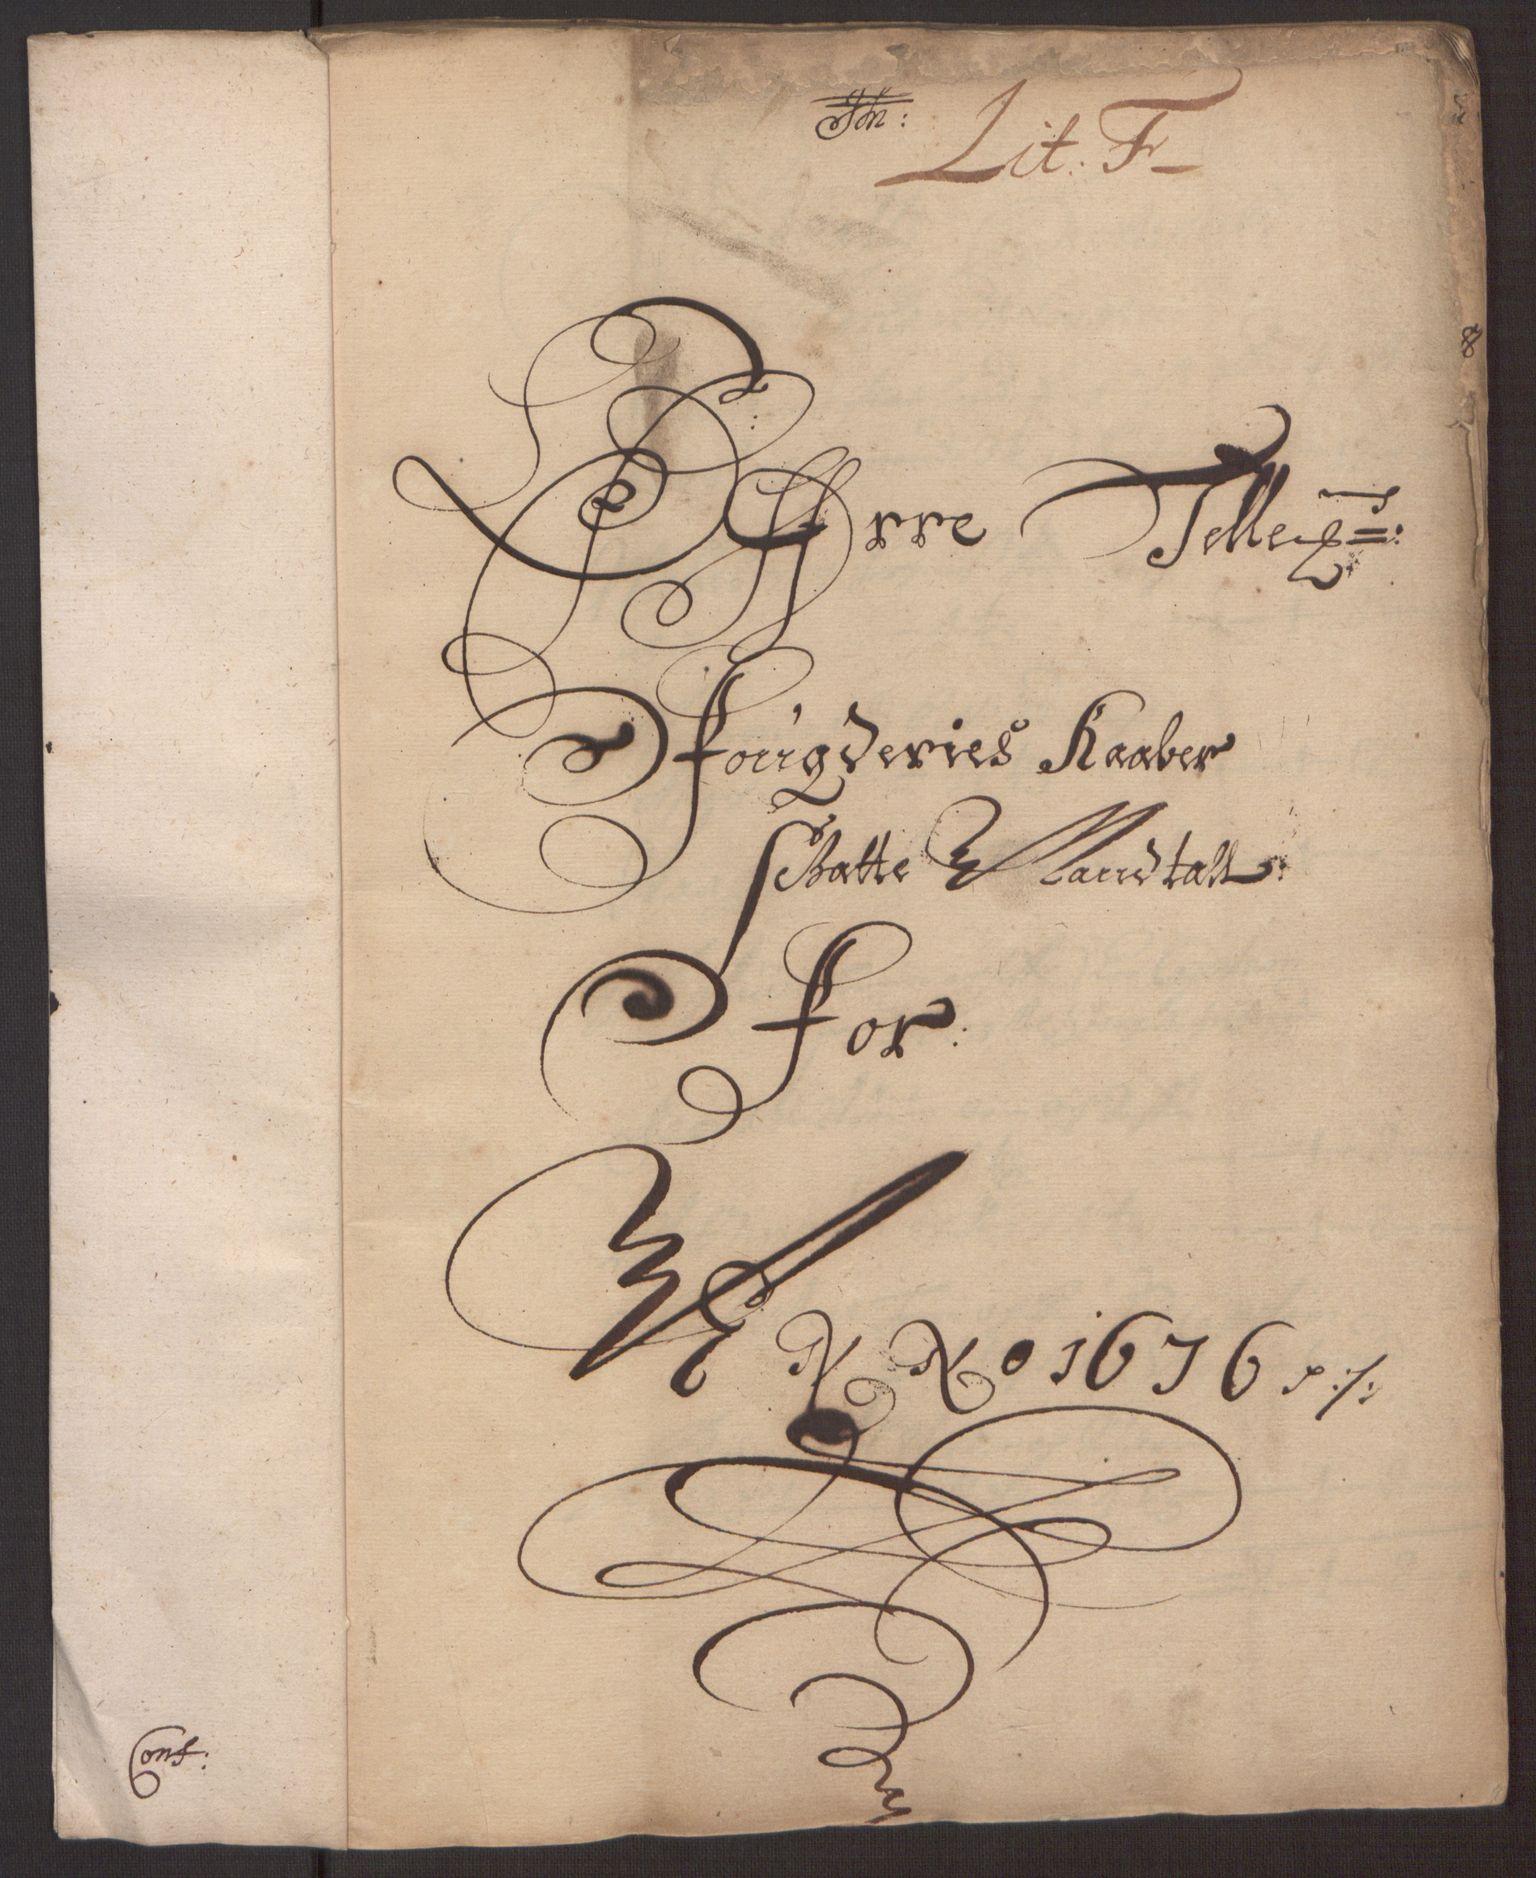 RA, Rentekammeret inntil 1814, Reviderte regnskaper, Fogderegnskap, R35/L2065: Fogderegnskap Øvre og Nedre Telemark, 1676, s. 150